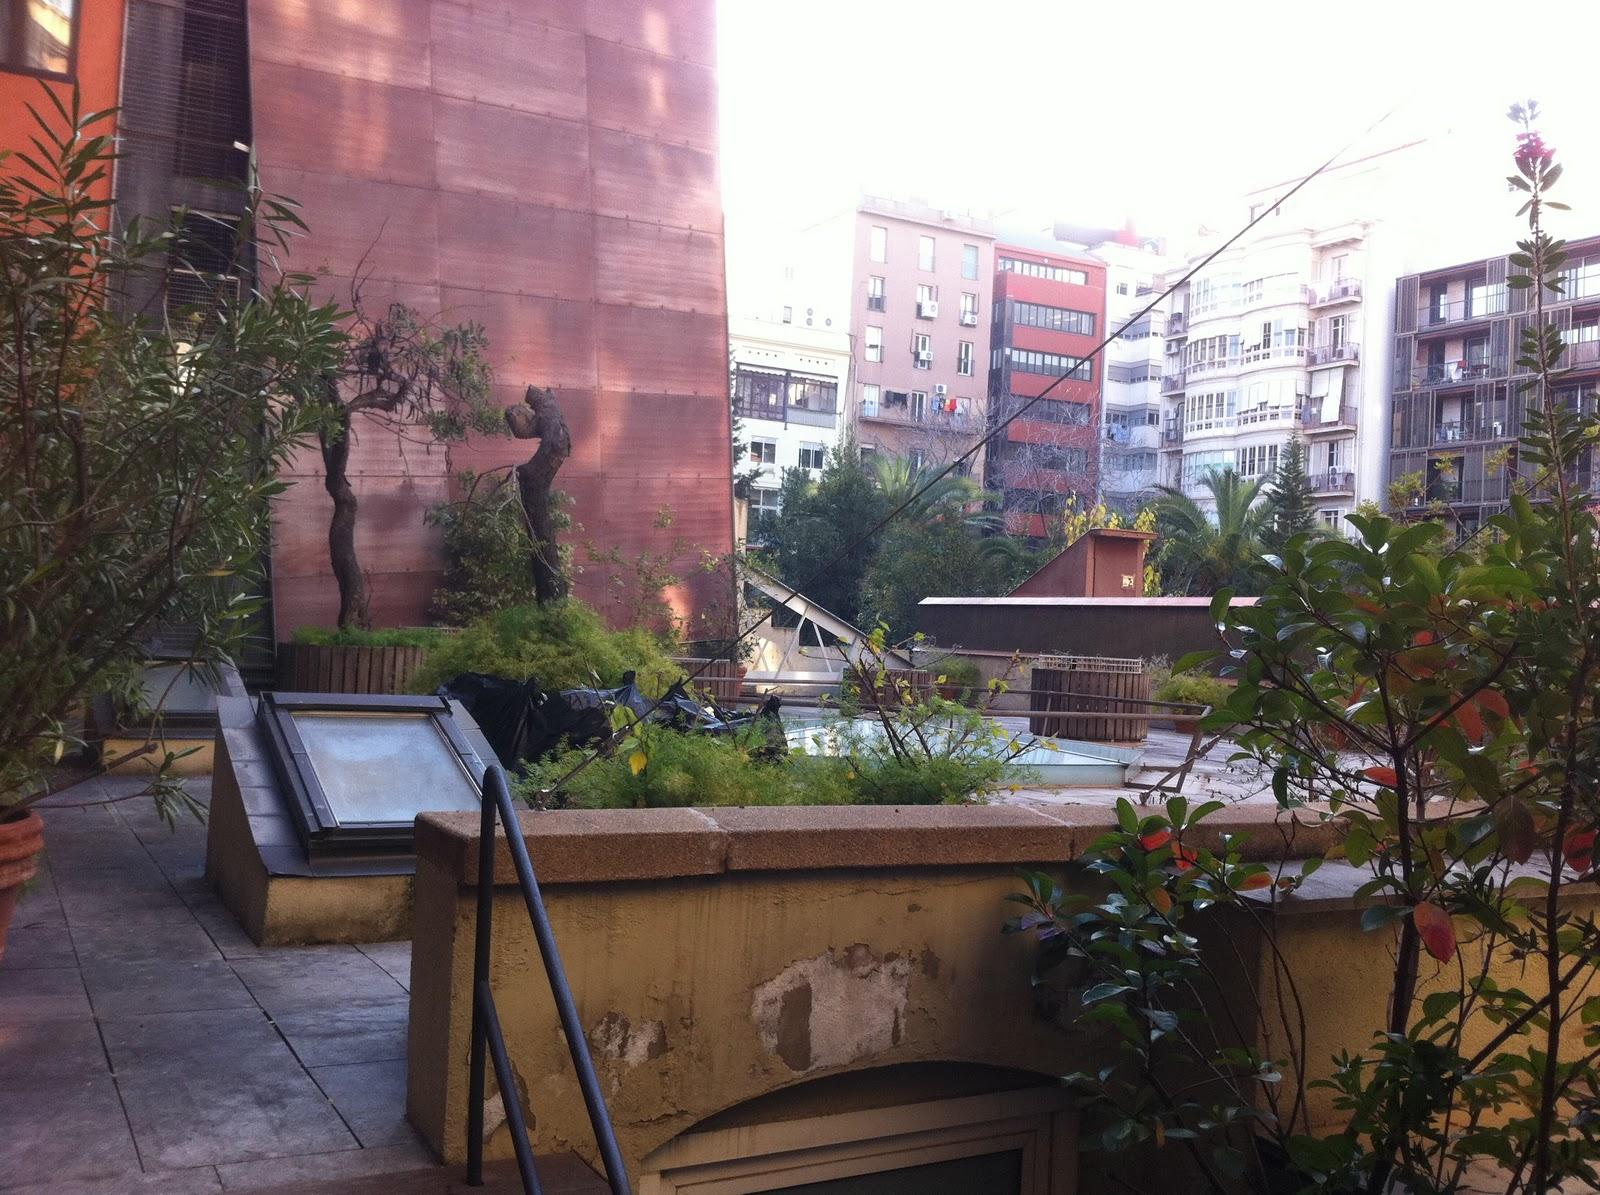 Jardineria professional barcelona 01 2012 for Jardineria barcelona